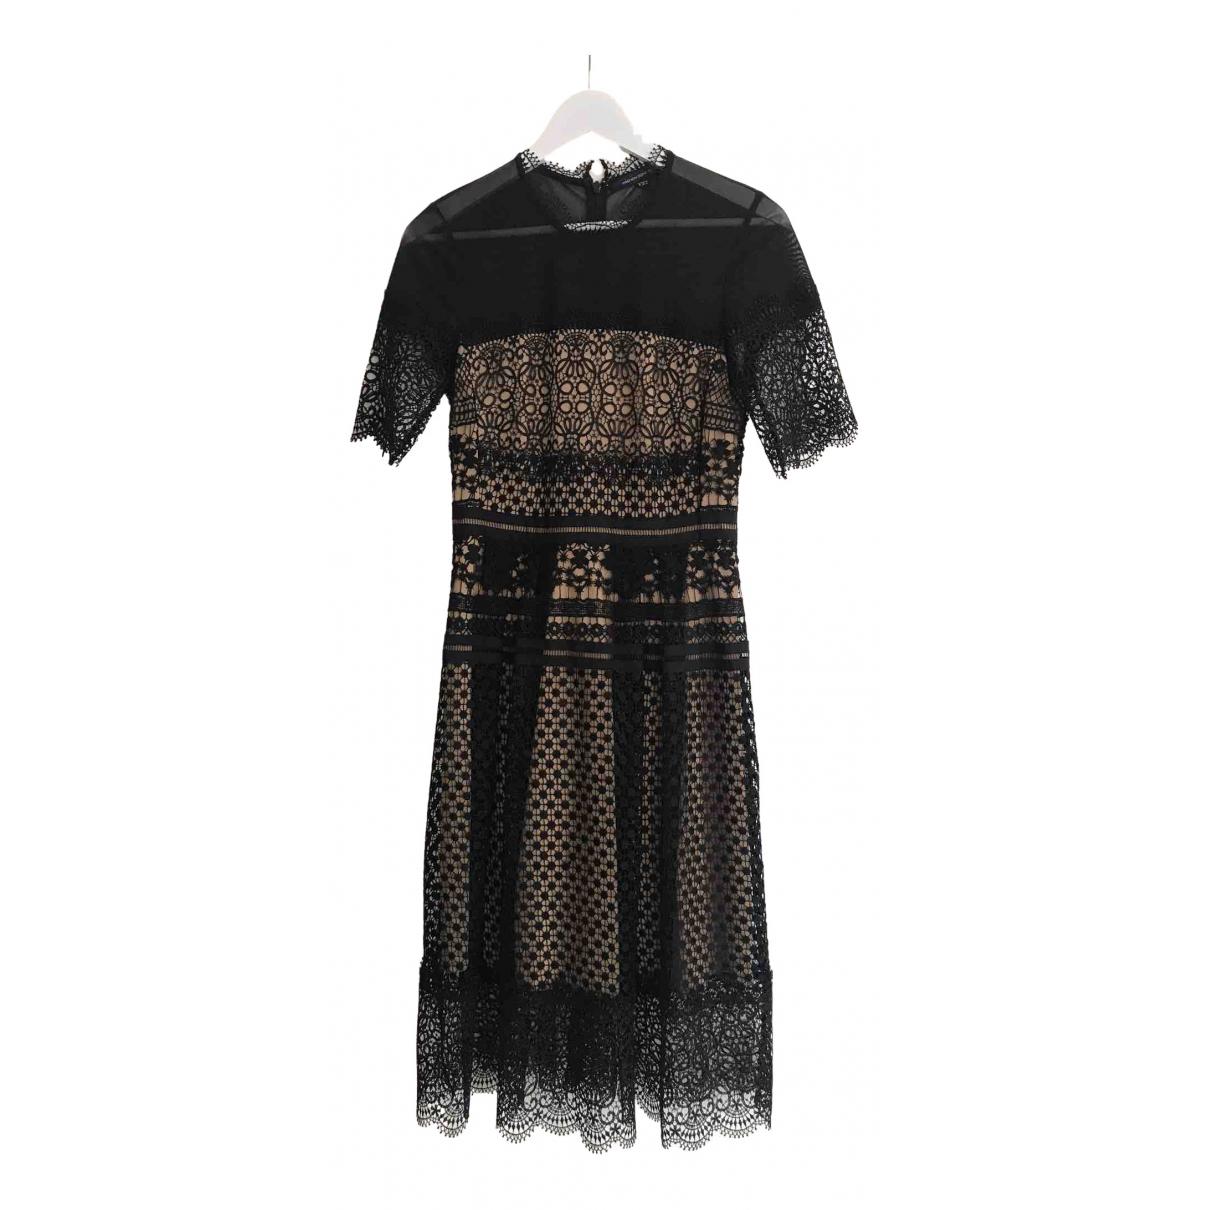 French Connection - Robe   pour femme en dentelle - noir